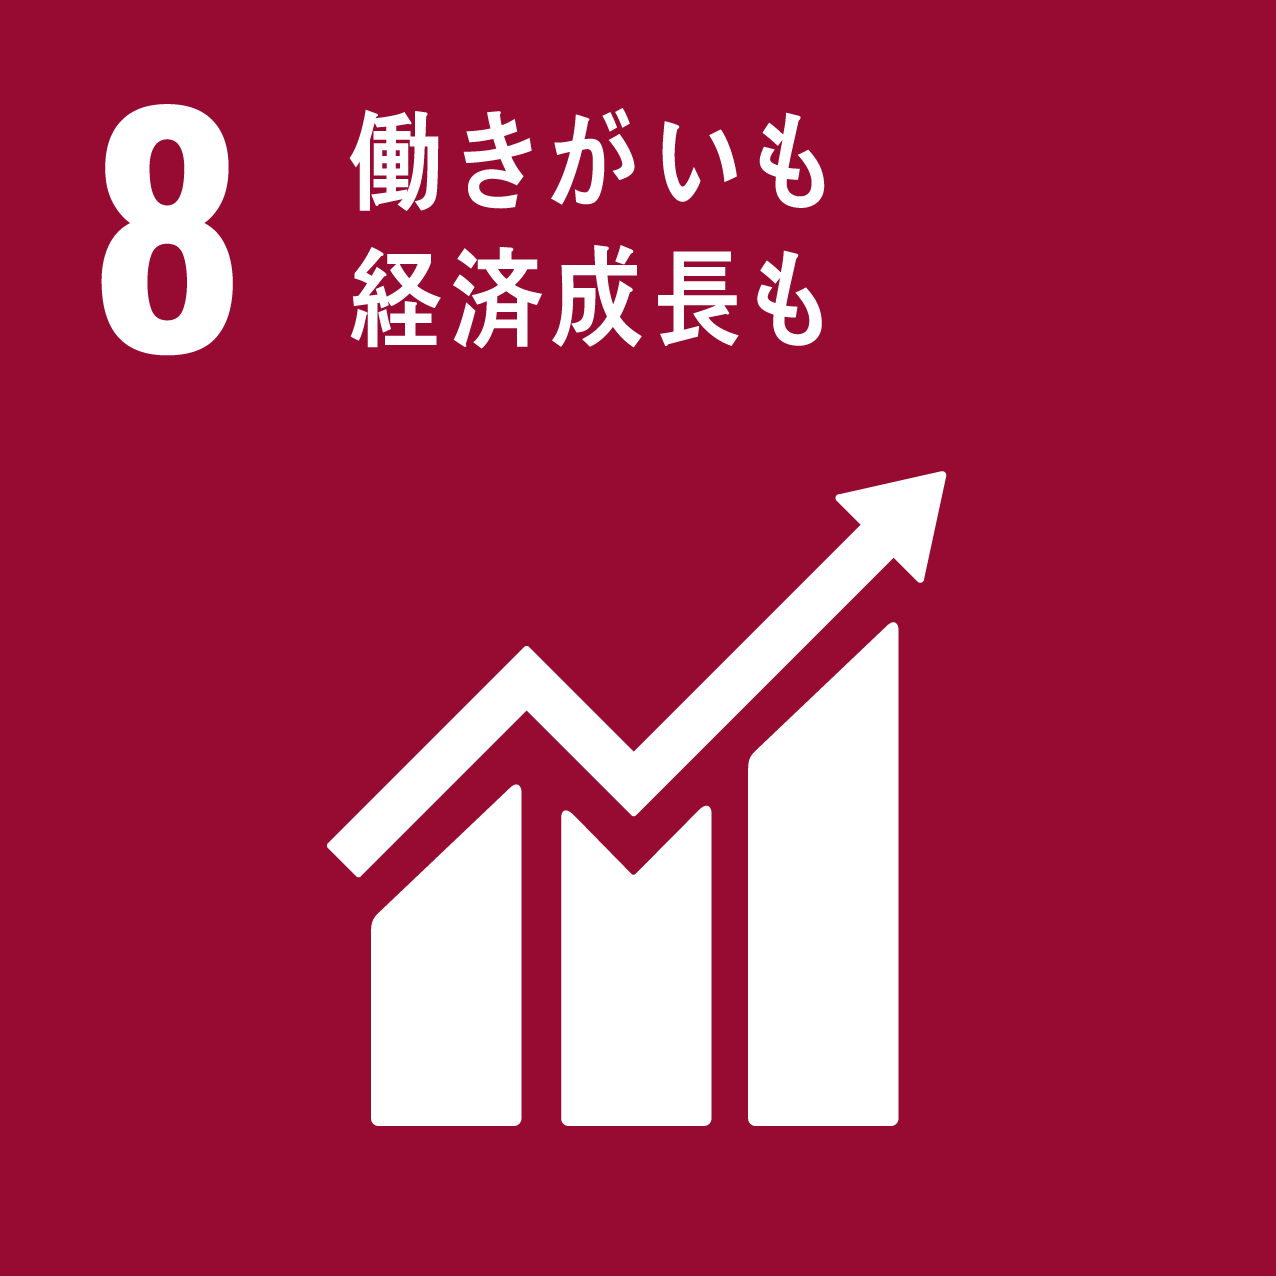 SDG's icon No8